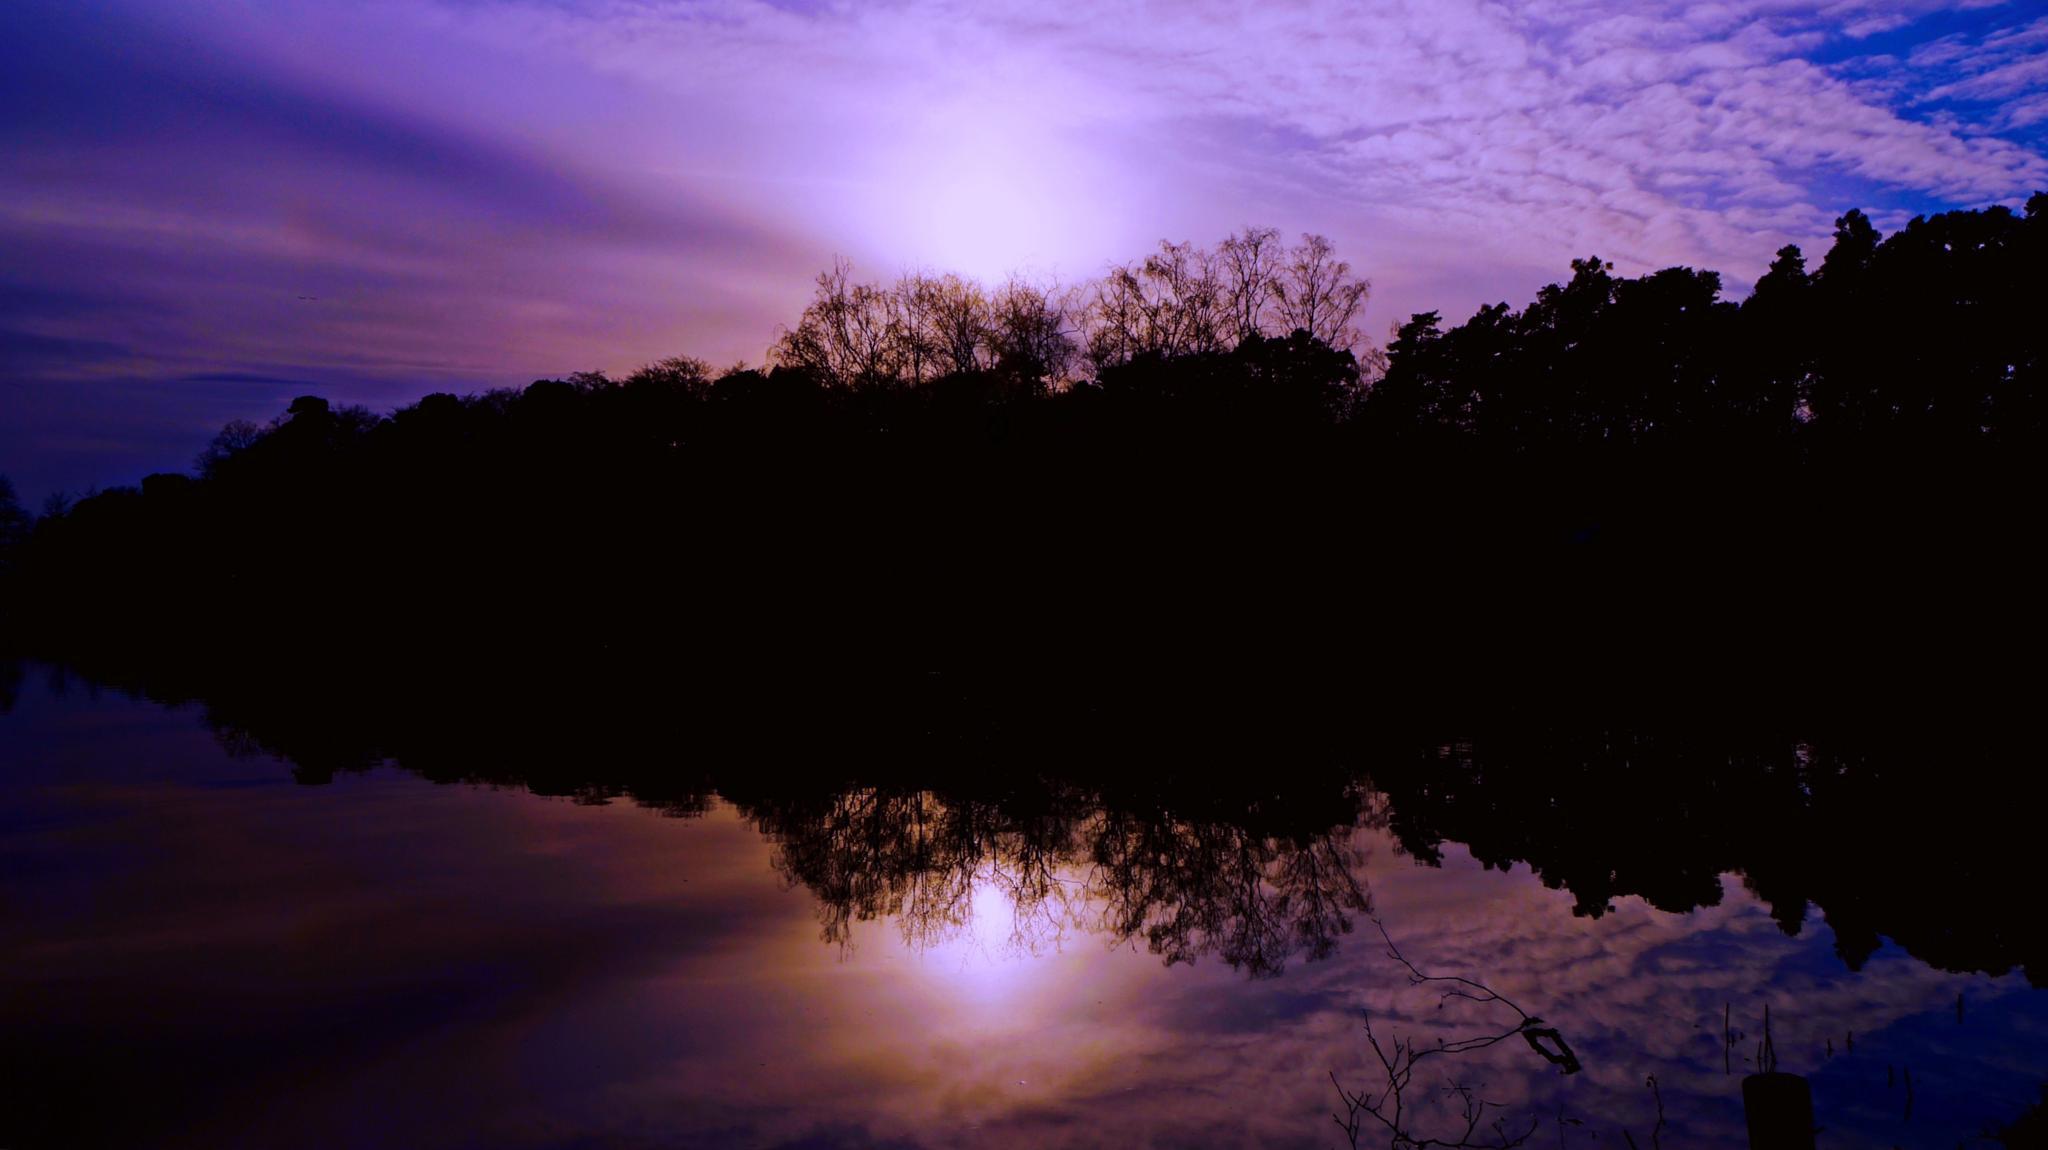 Night fall by Dieter Heymer